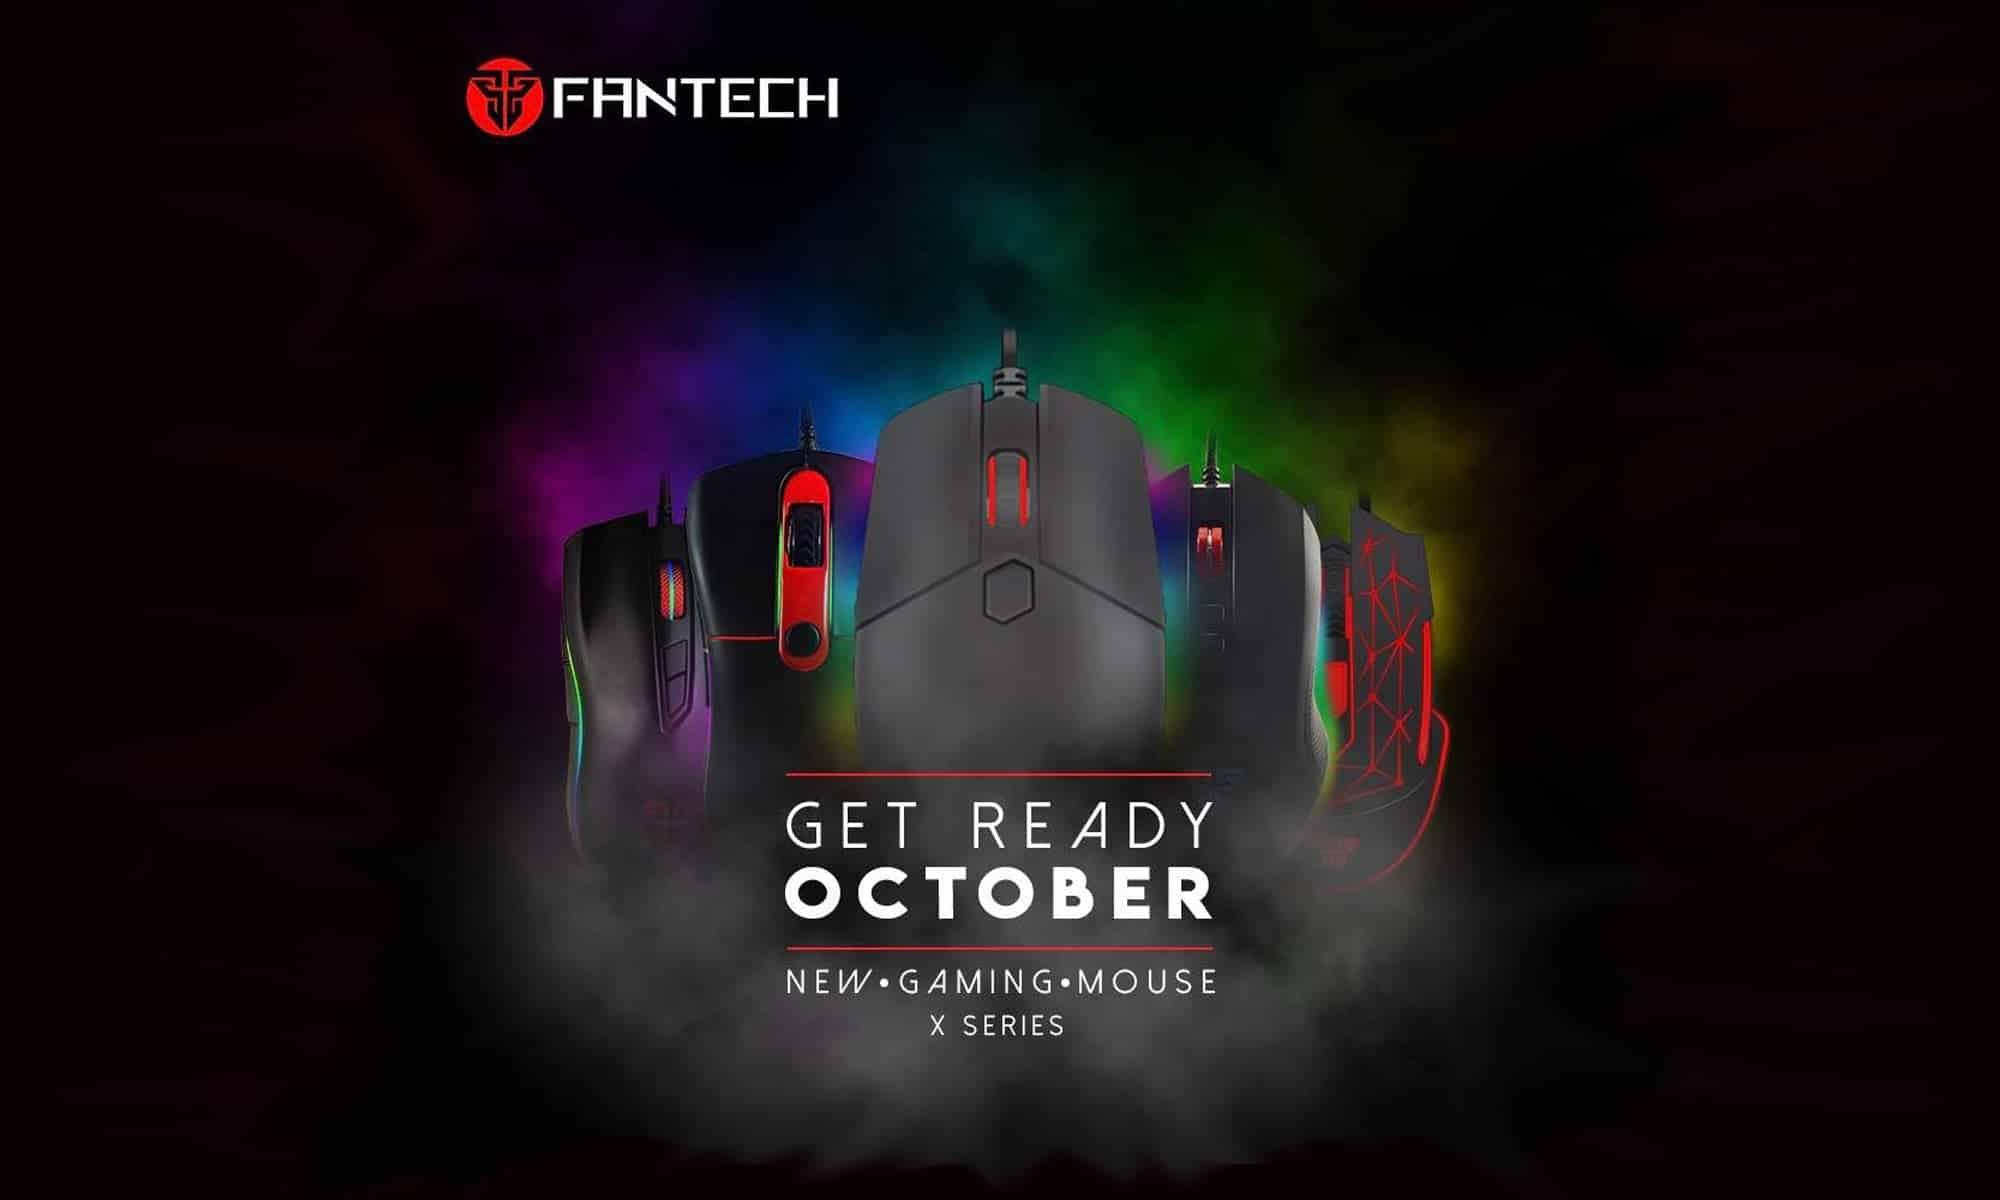 Игровые мыши Fantech X4, Fantech X5, Fantech X6, Fantech X7, Fantech X8